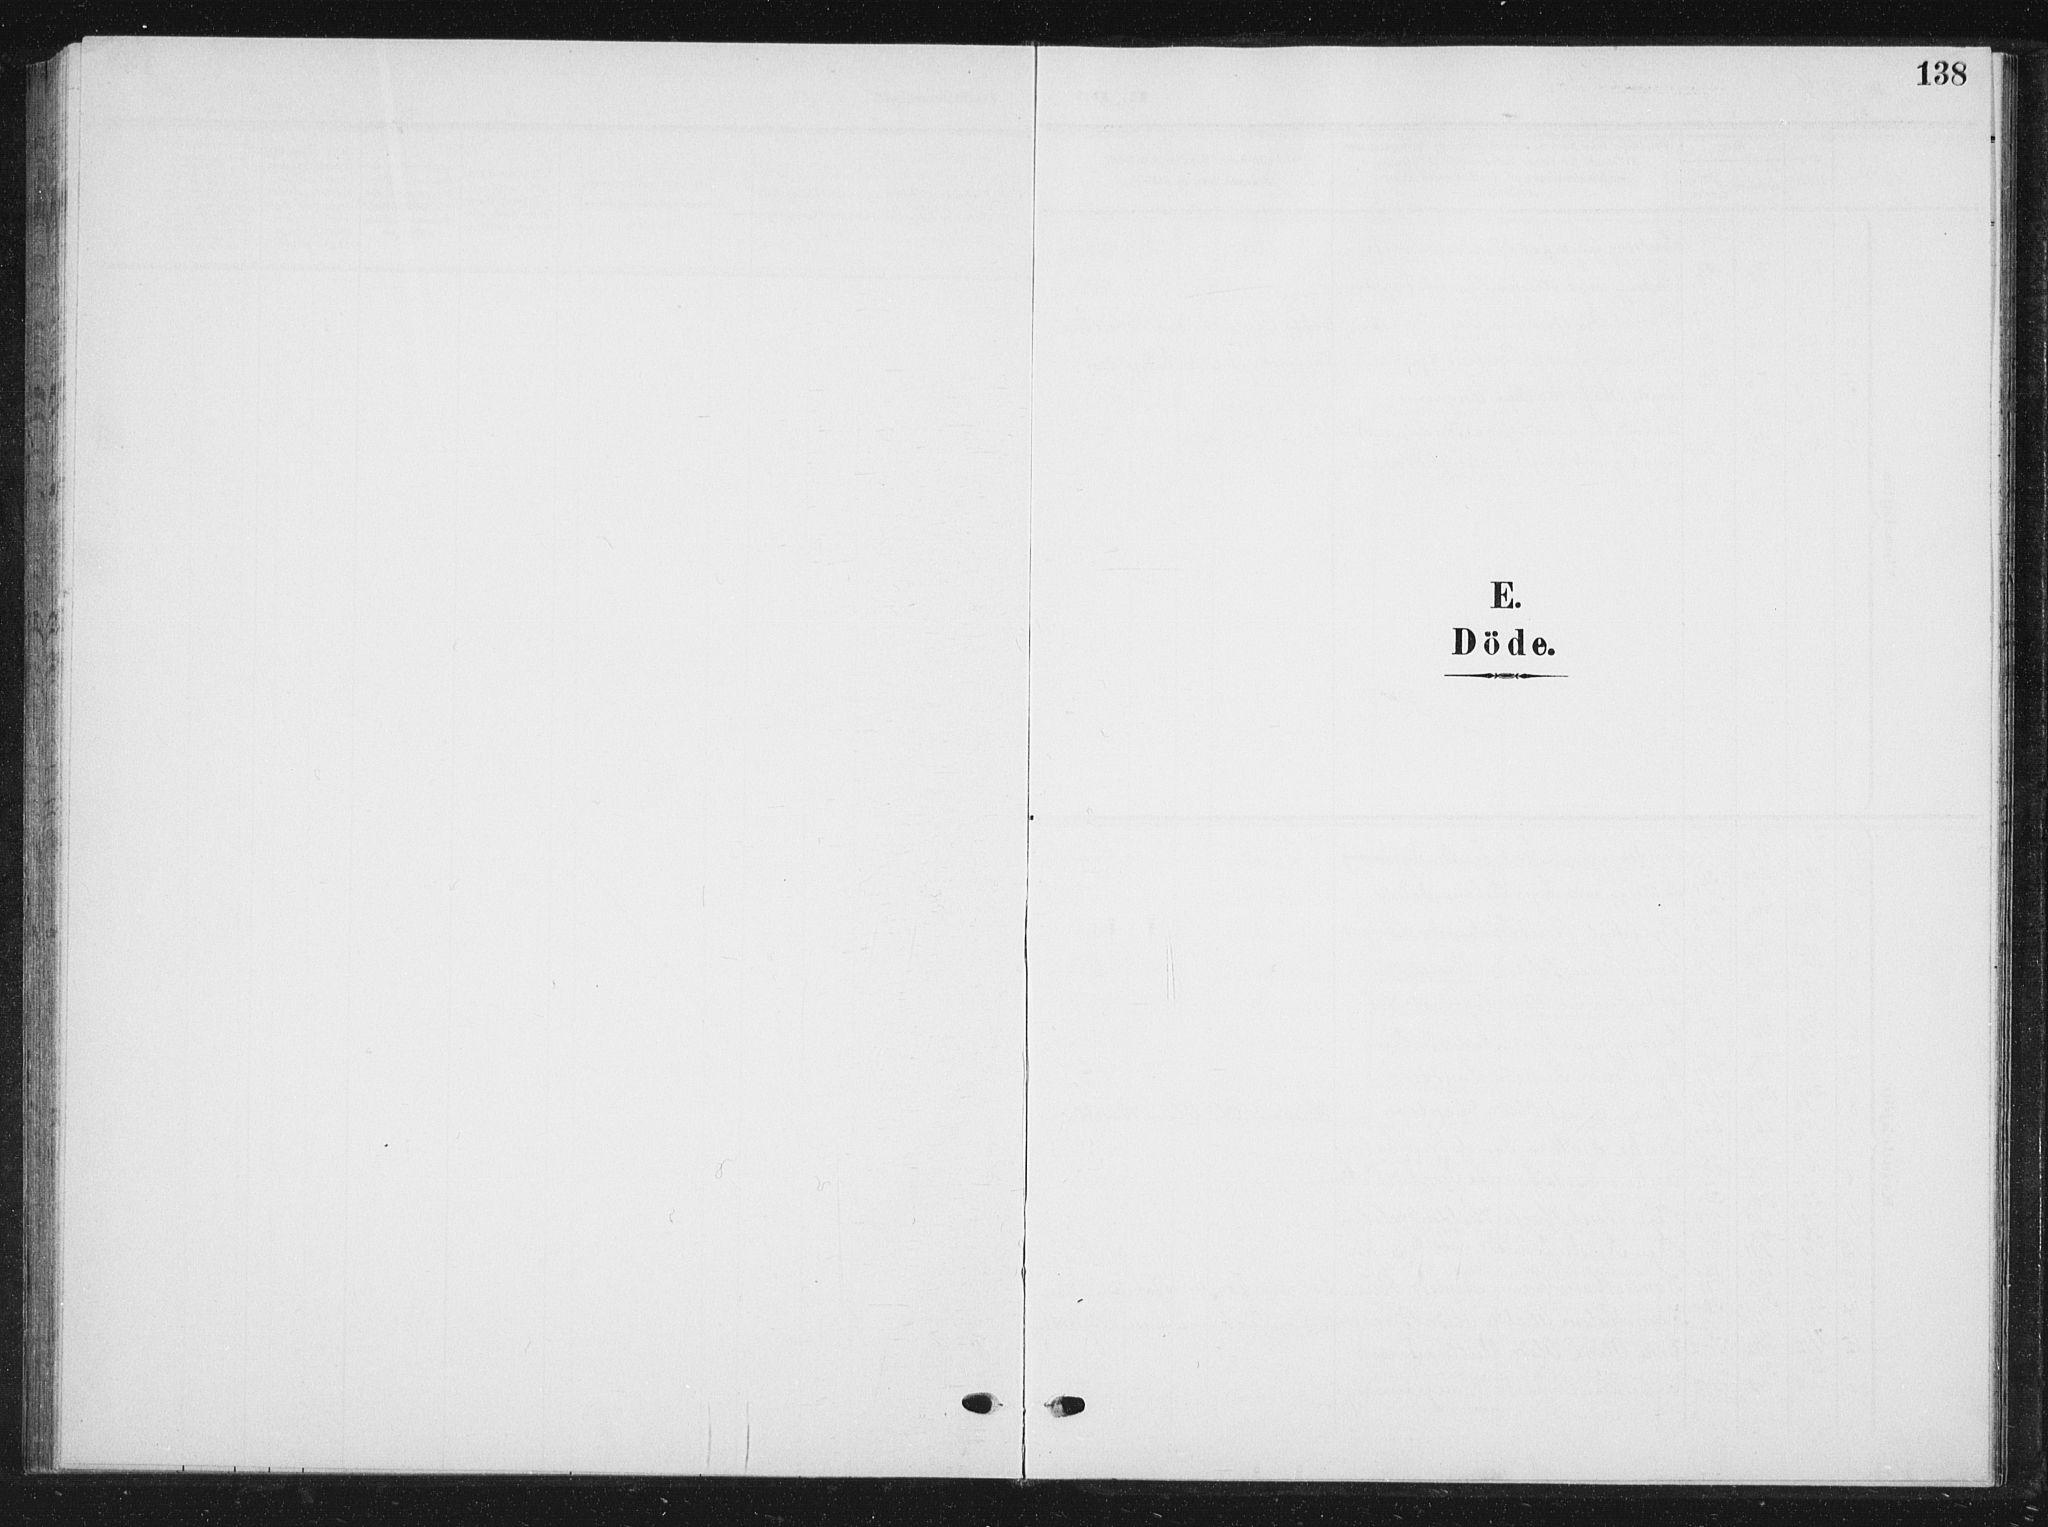 SAT, Ministerialprotokoller, klokkerbøker og fødselsregistre - Sør-Trøndelag, 616/L0424: Klokkerbok nr. 616C07, 1904-1940, s. 138